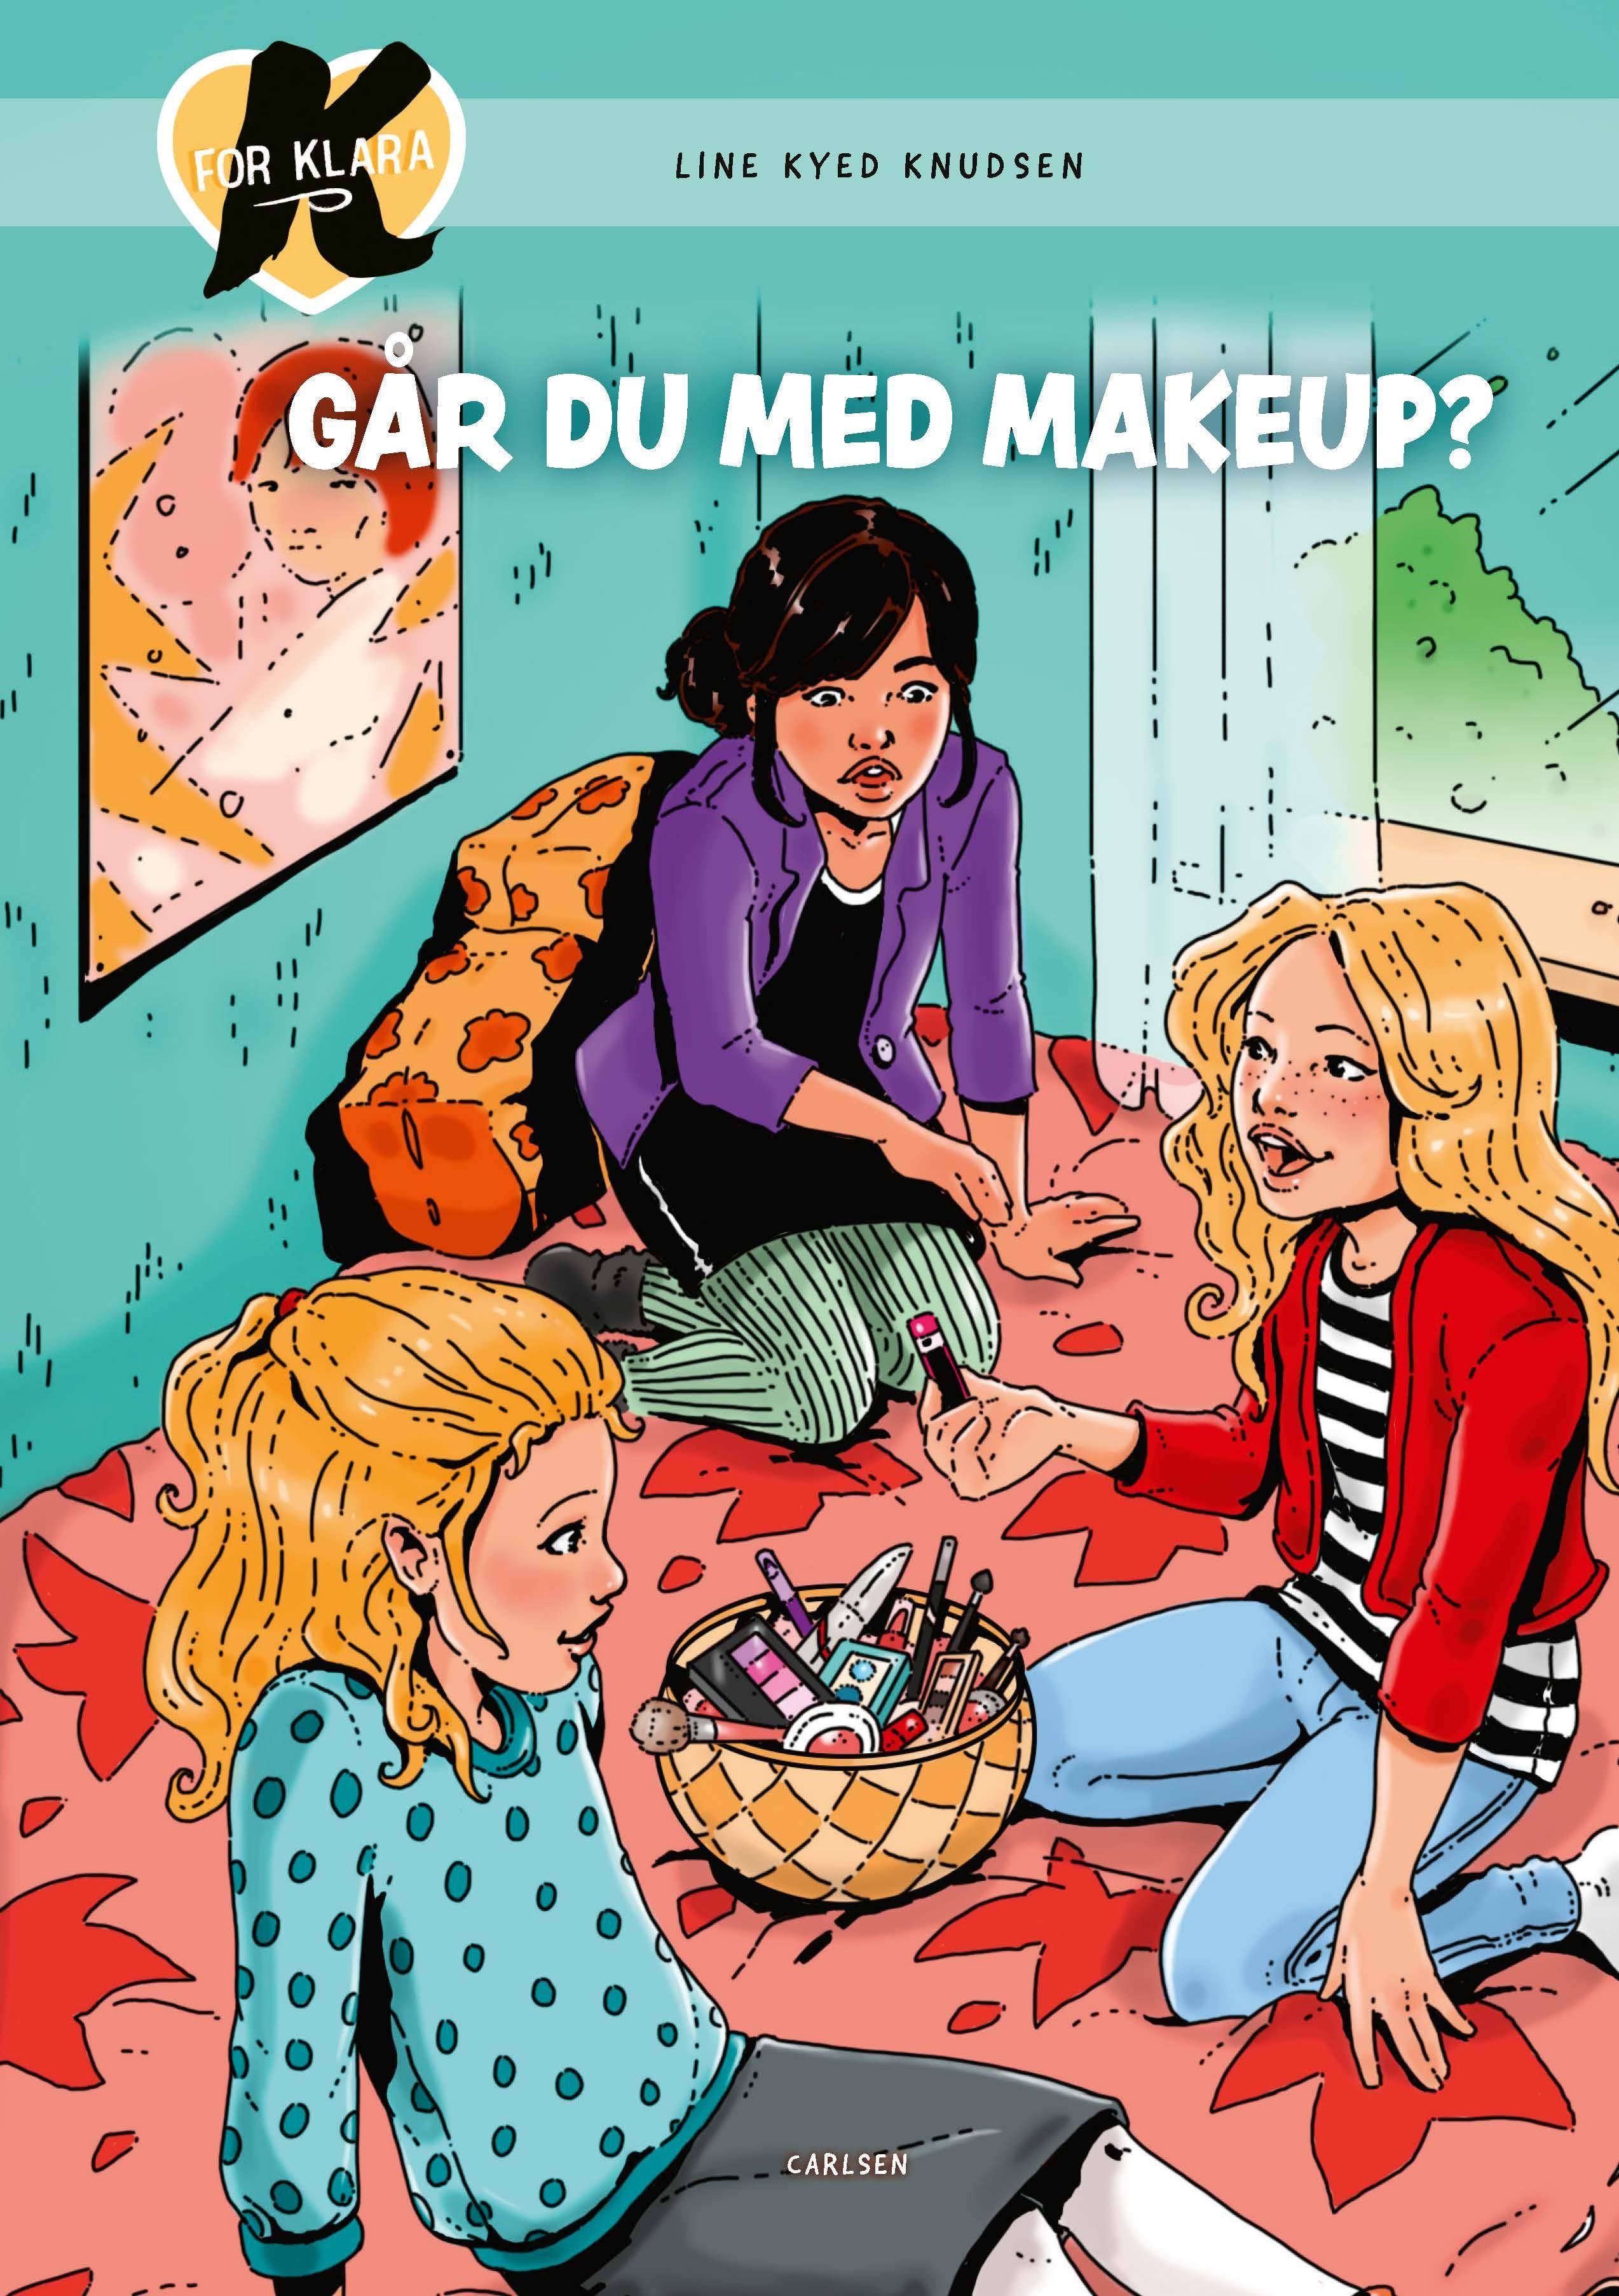 K for Klara: K for Klara (21) - Går du med makeup? - Line Kyed Knudsen - Bøger - CARLSEN - 9788711983461 - 16/6-2020